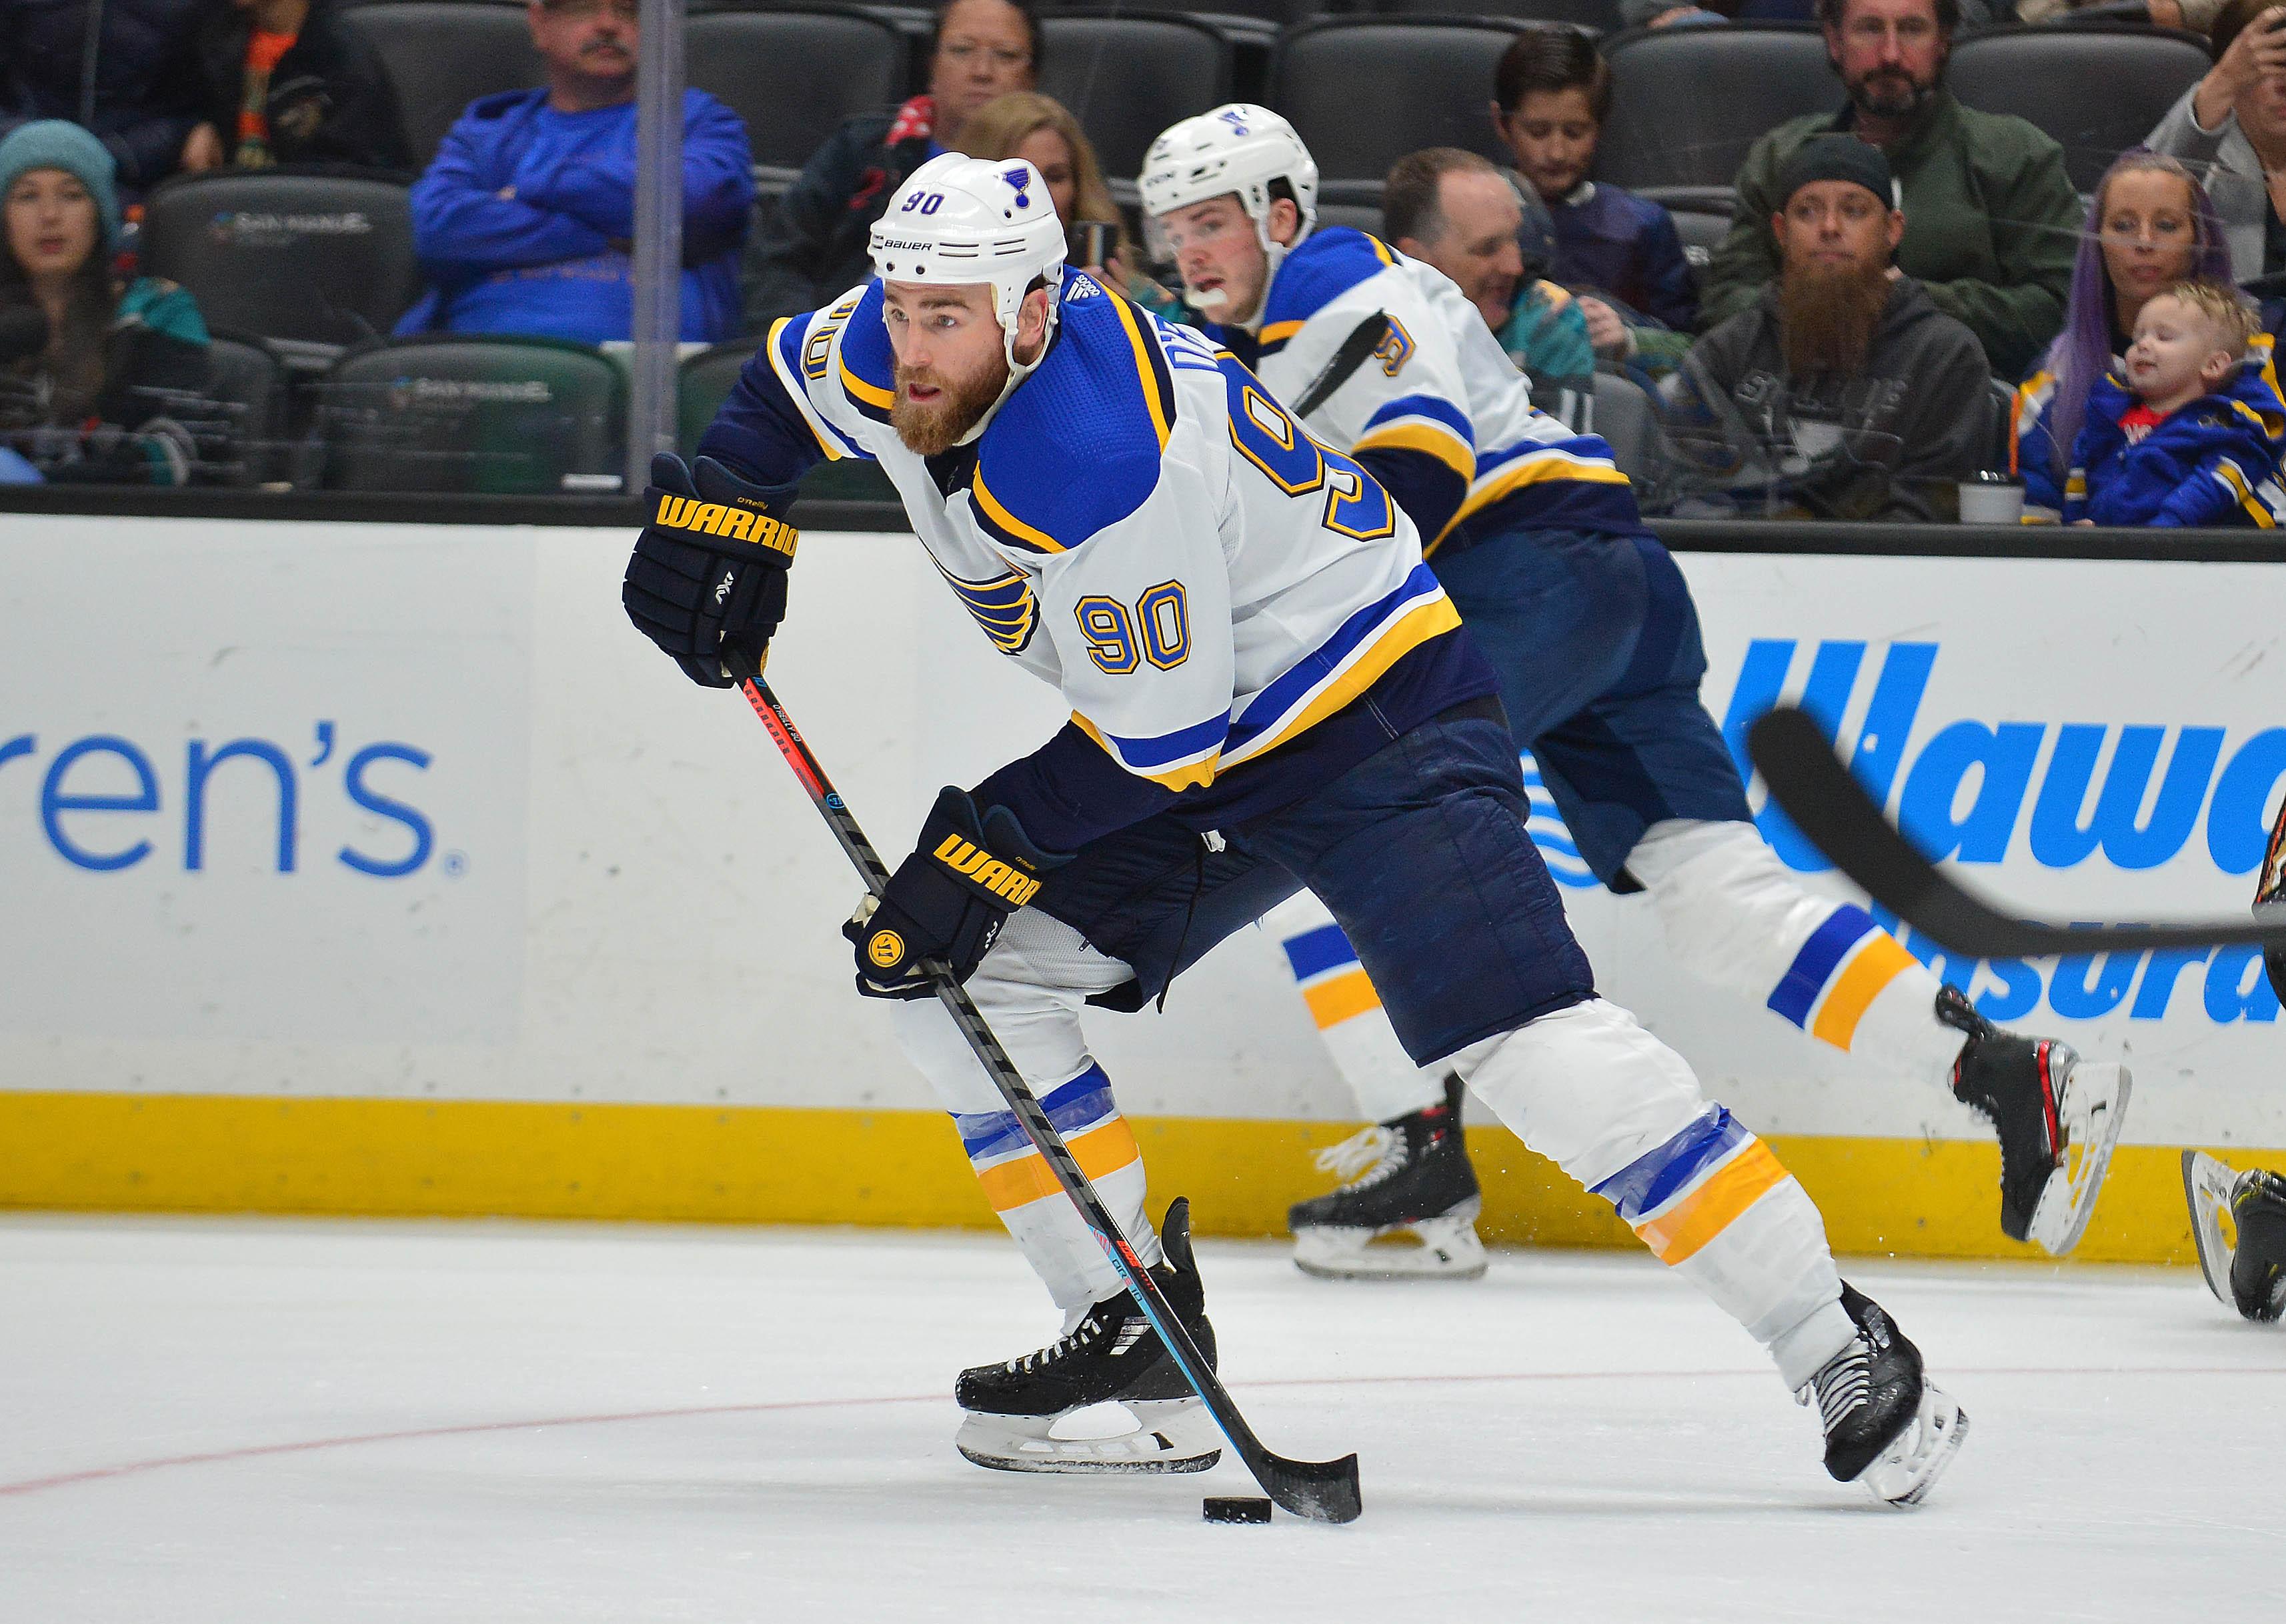 NHL: St. Louis Blues at Anaheim Ducks